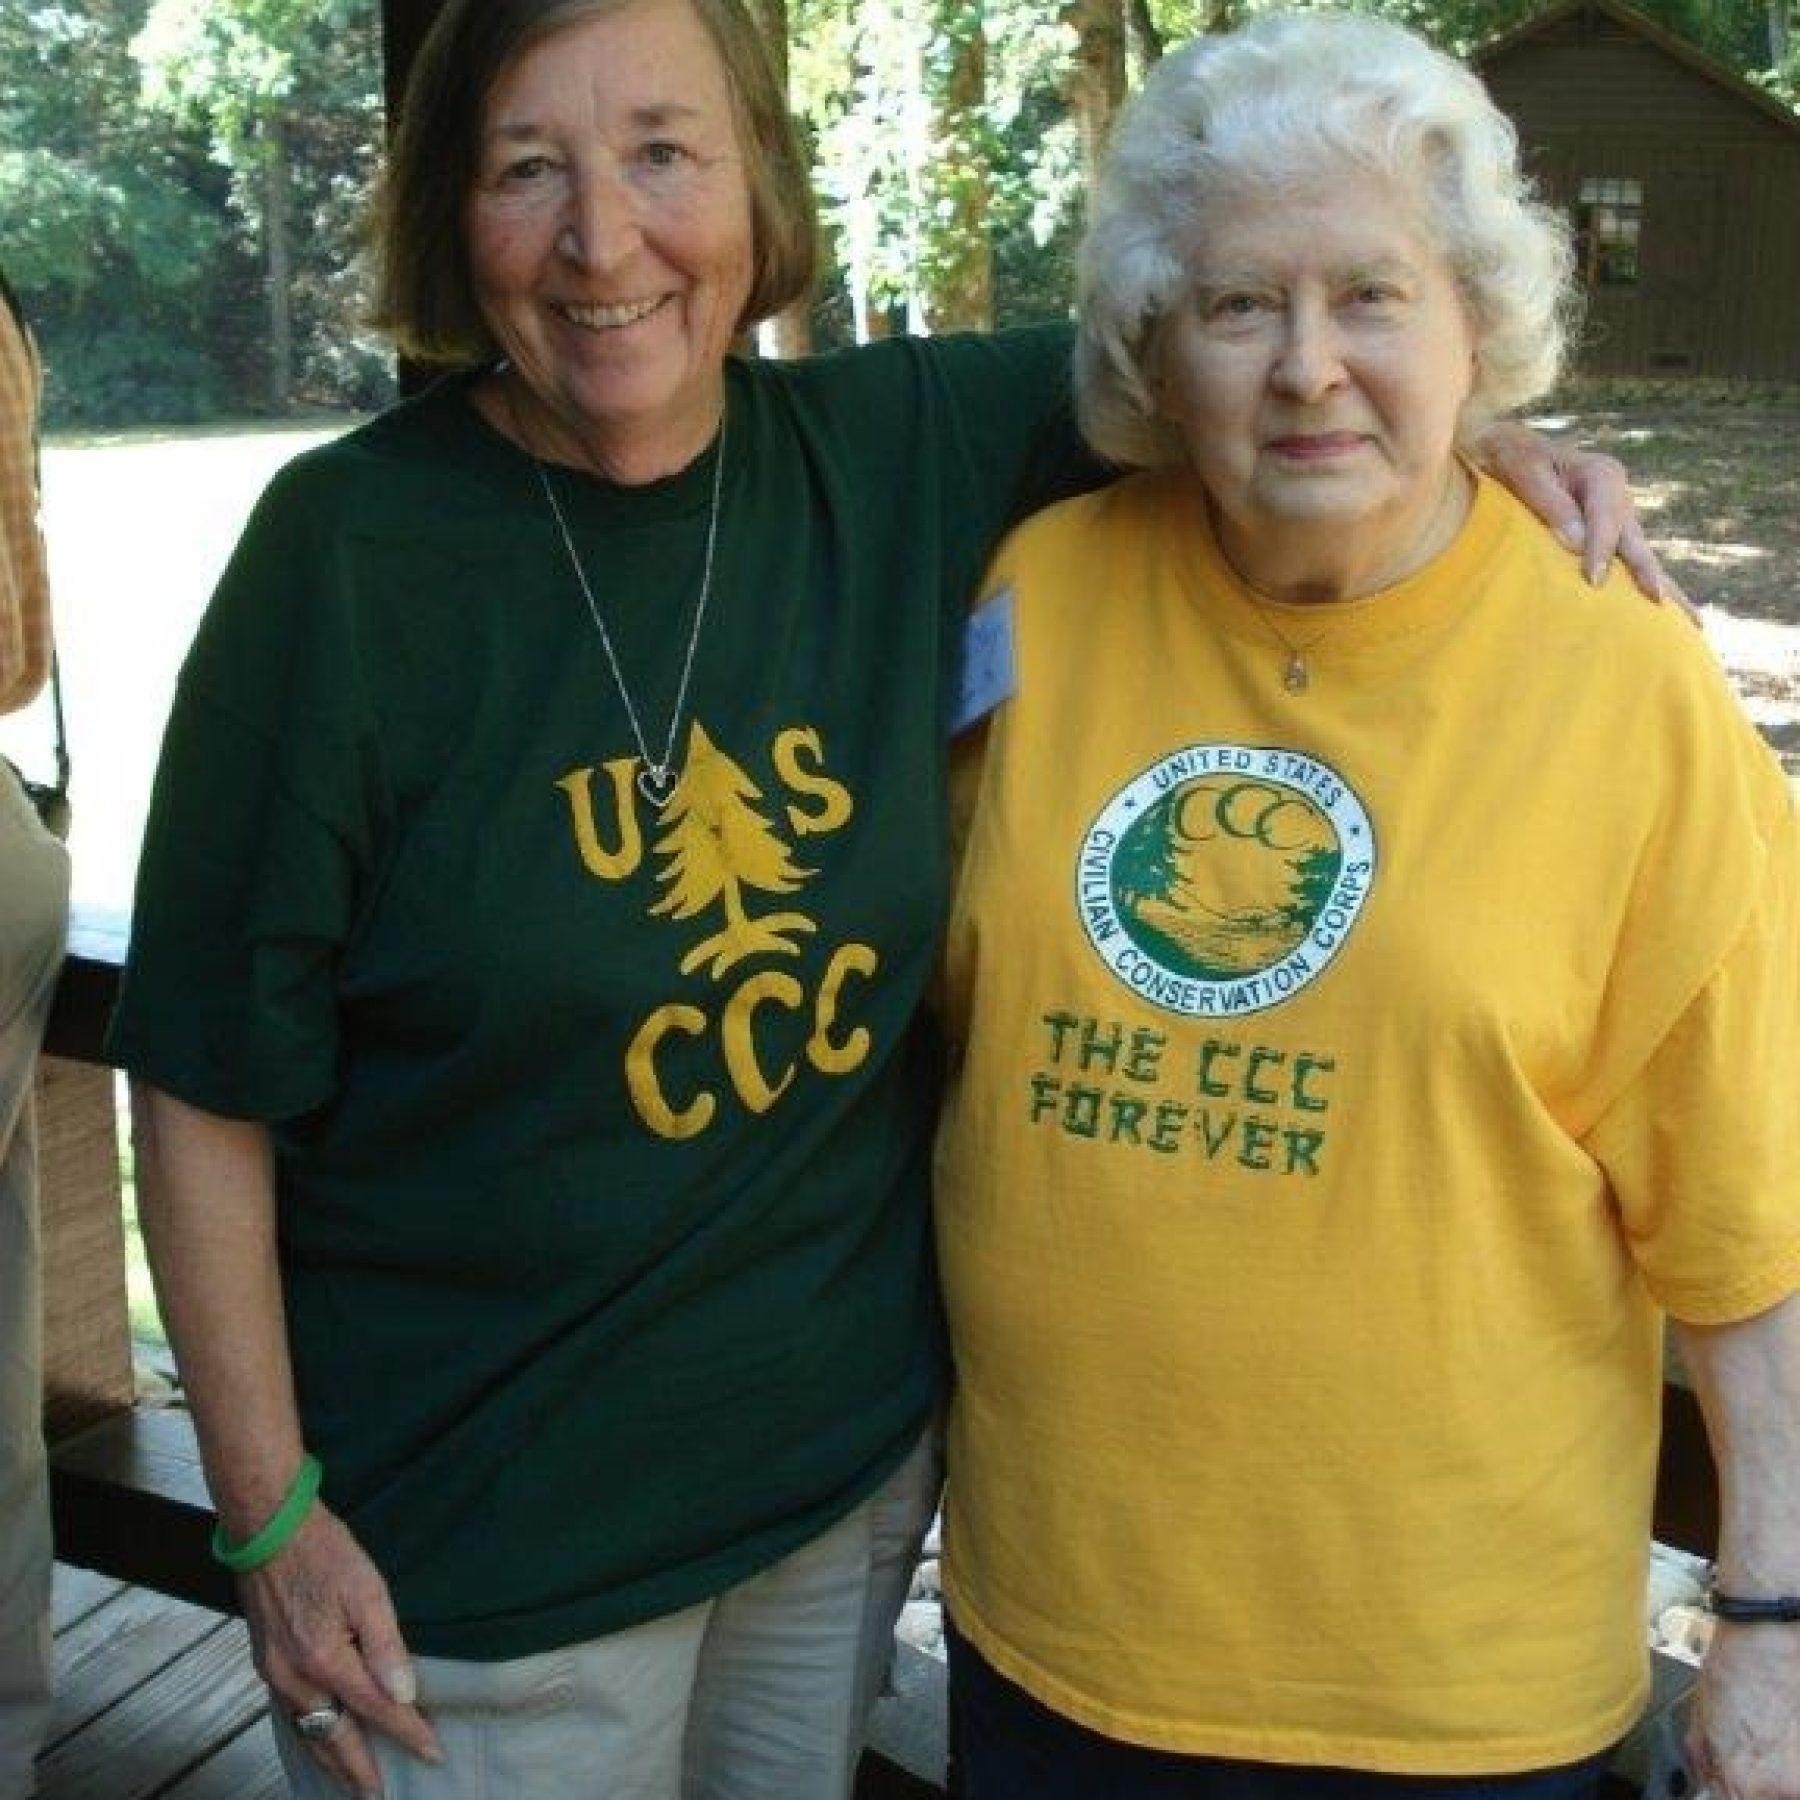 Authors Martha Smith & Kathy Smith